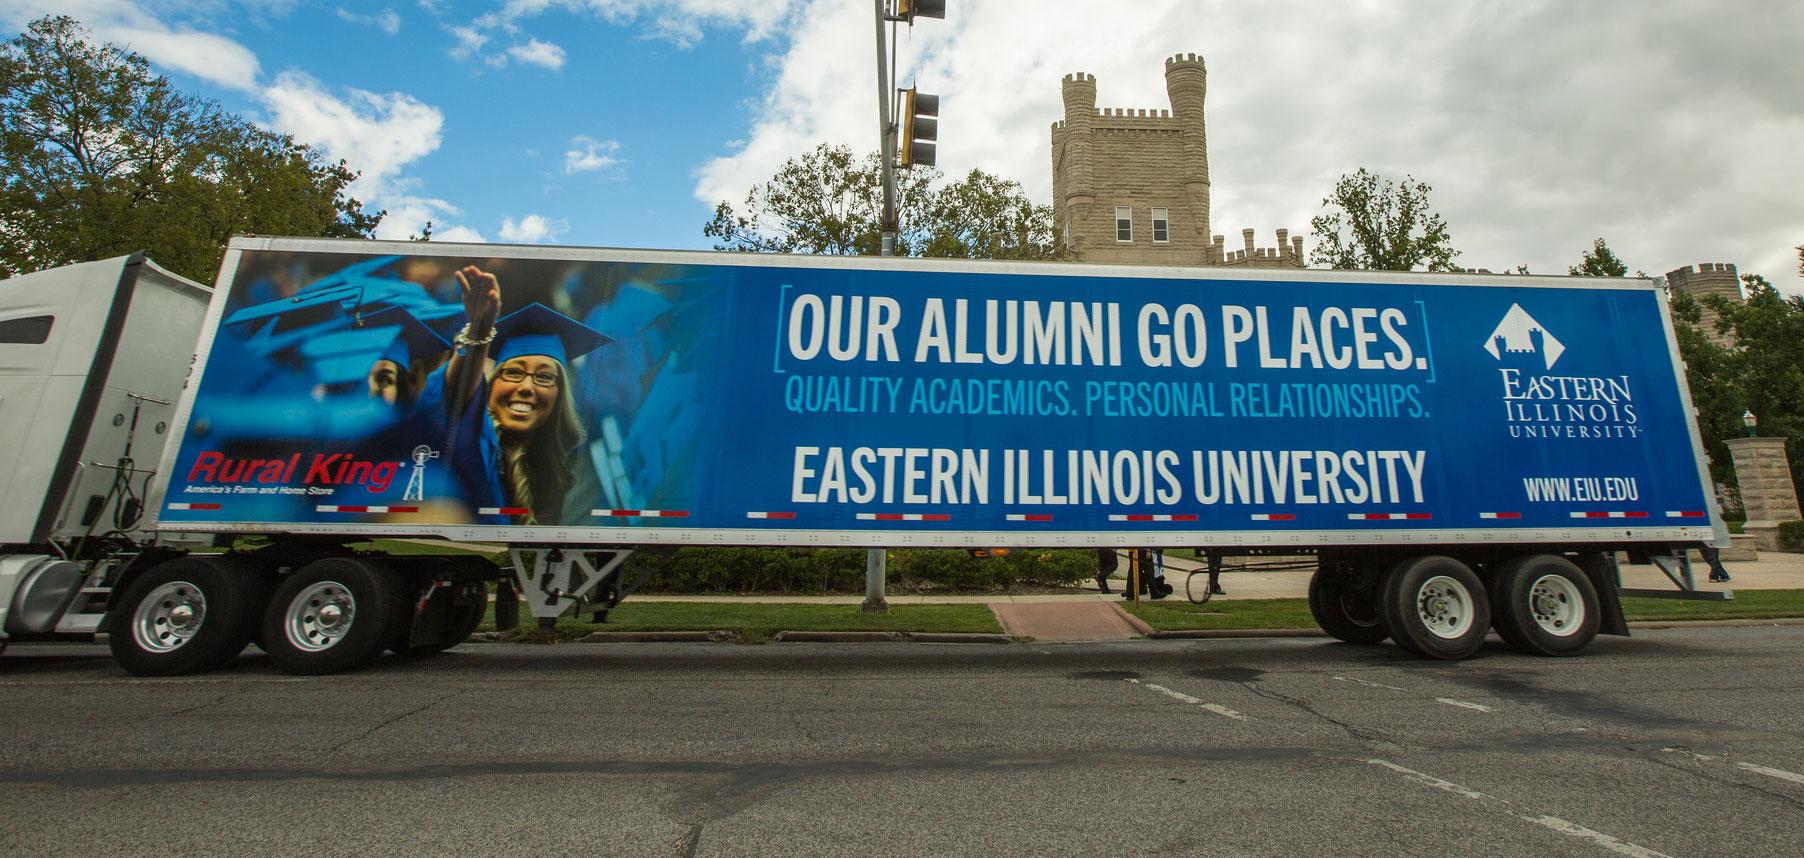 Illinois will county university park - Illinois Will County University Park 64